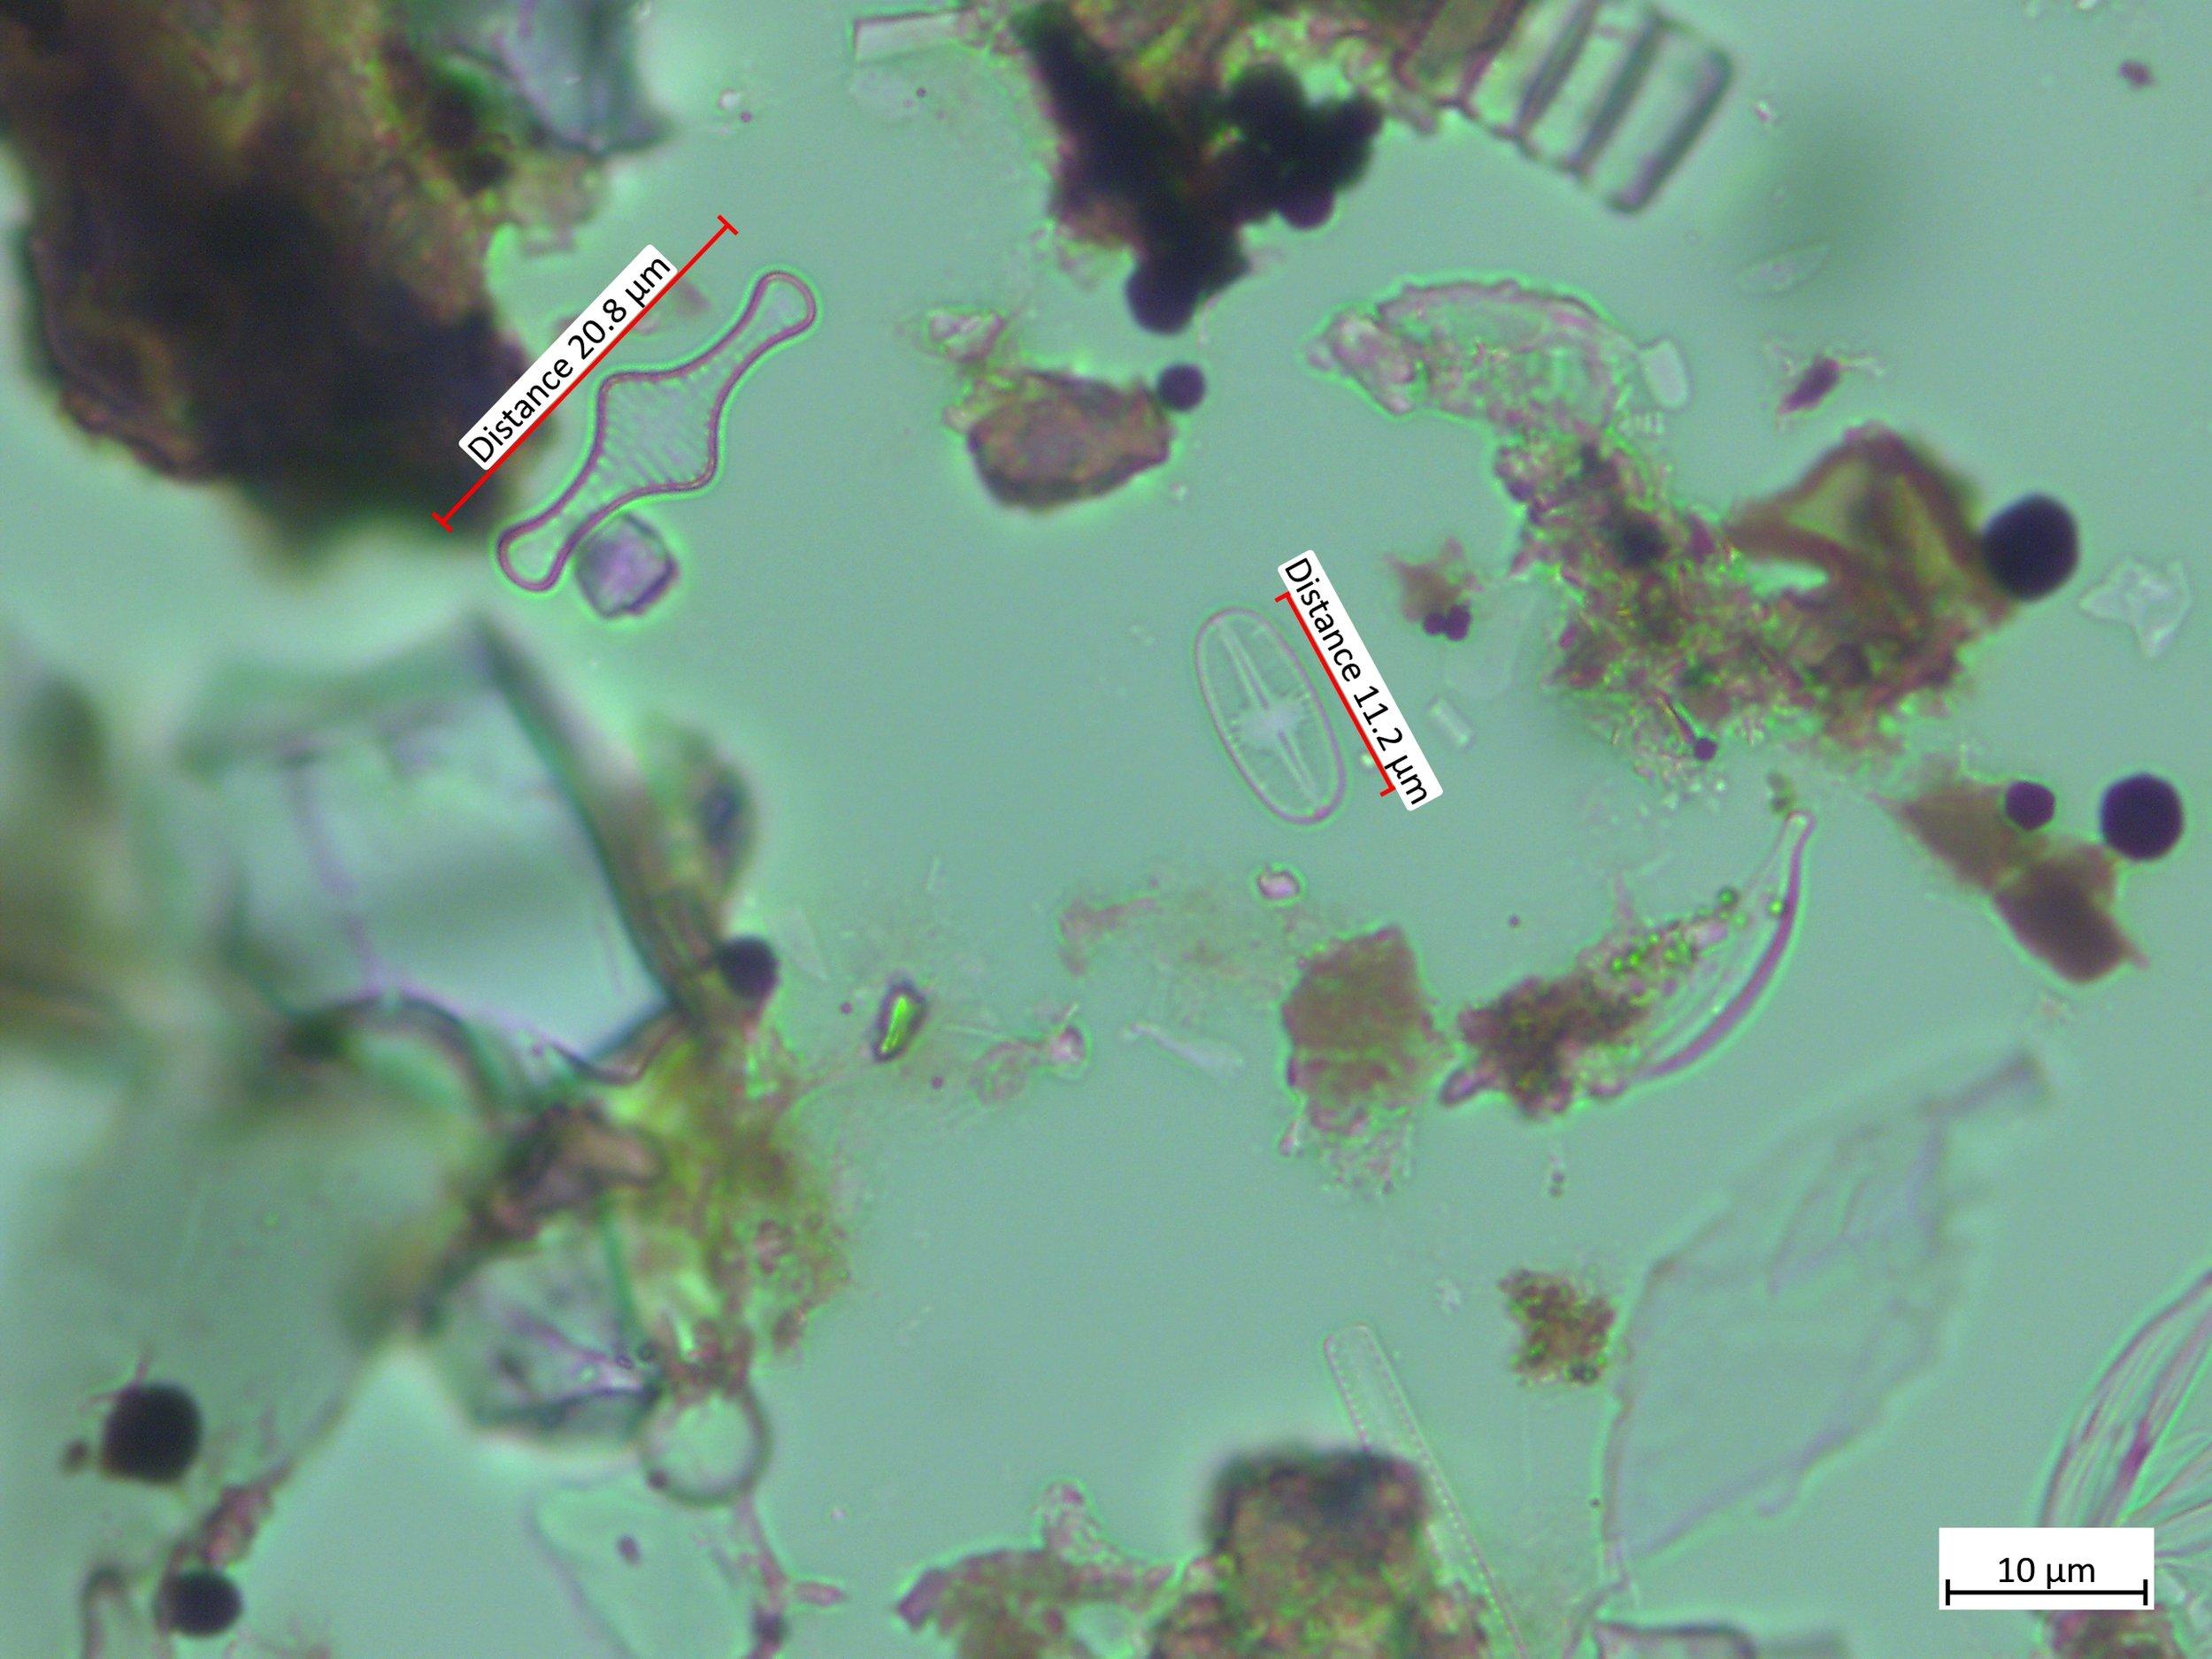 Psammothidium scoticum and Tabellaria flocculosa